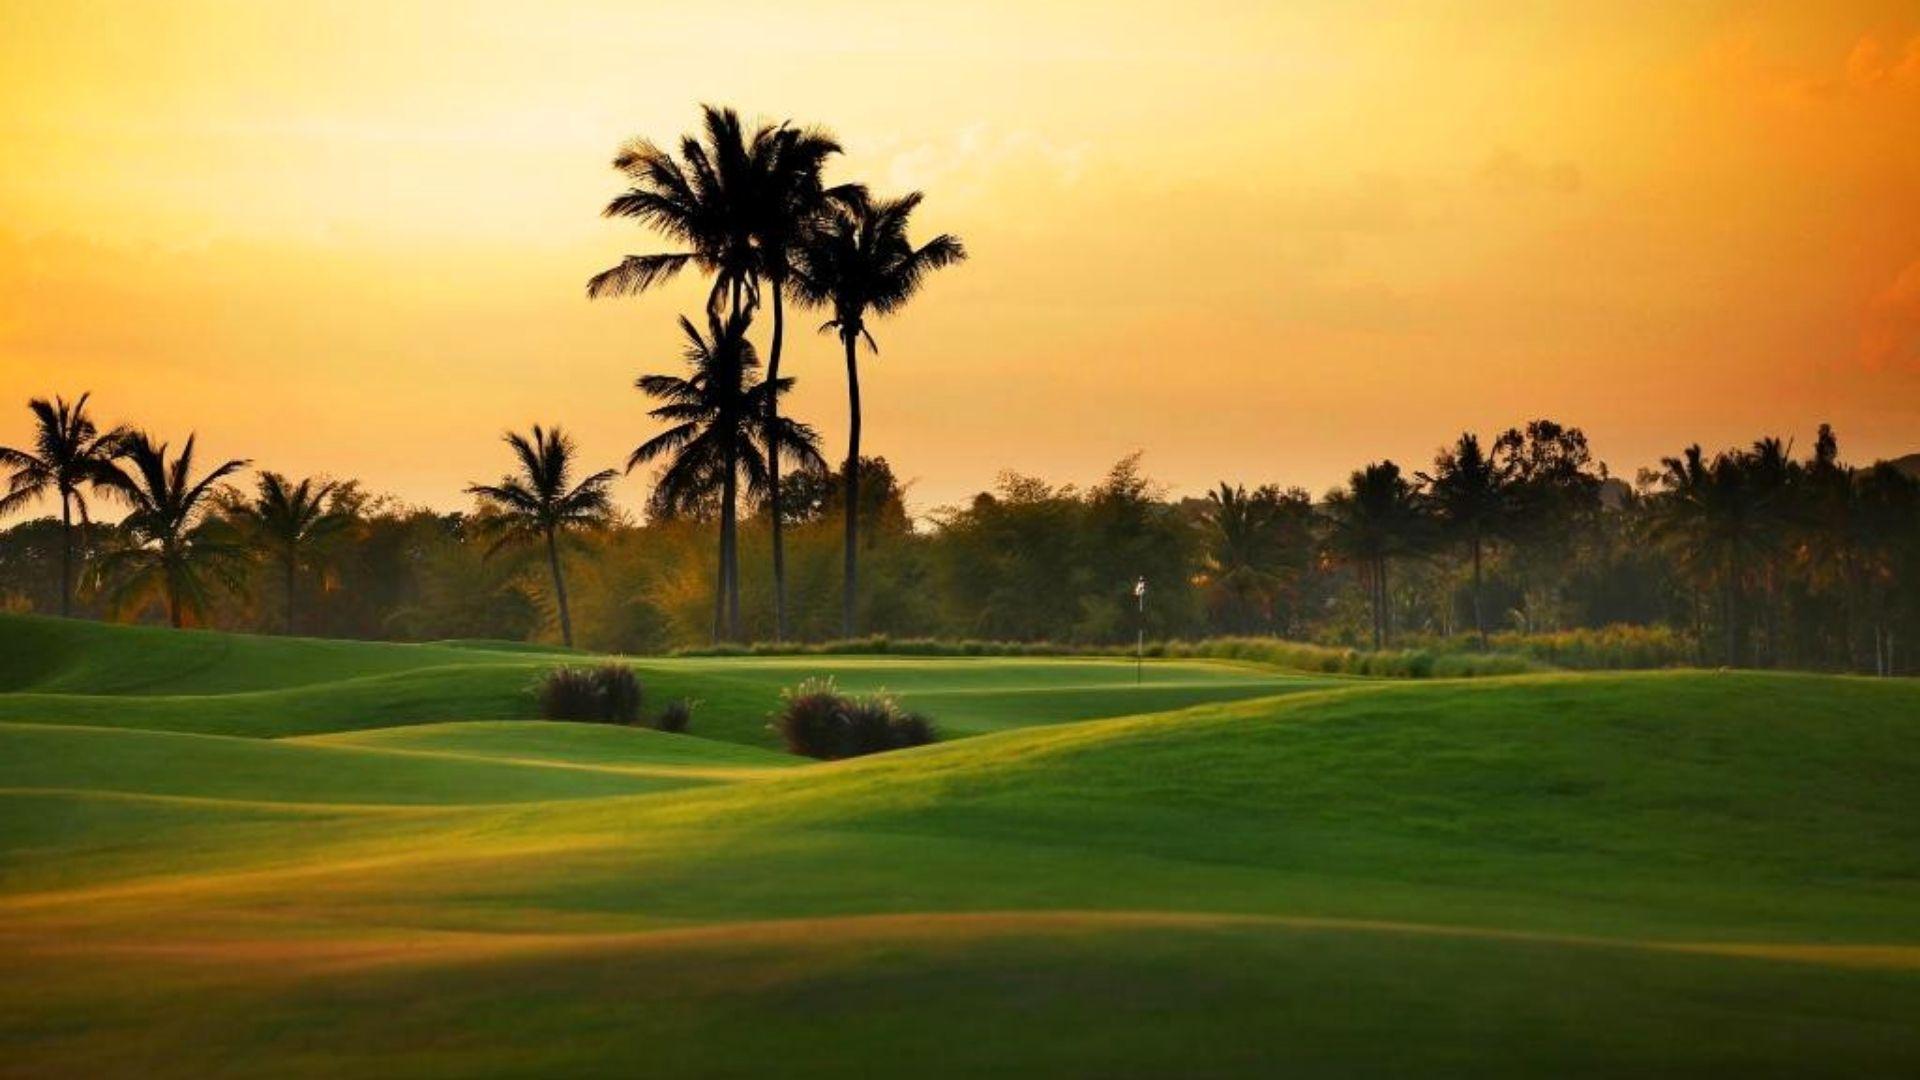 Prestige Golfshire Villas Golf Club   luxuryproperties.in